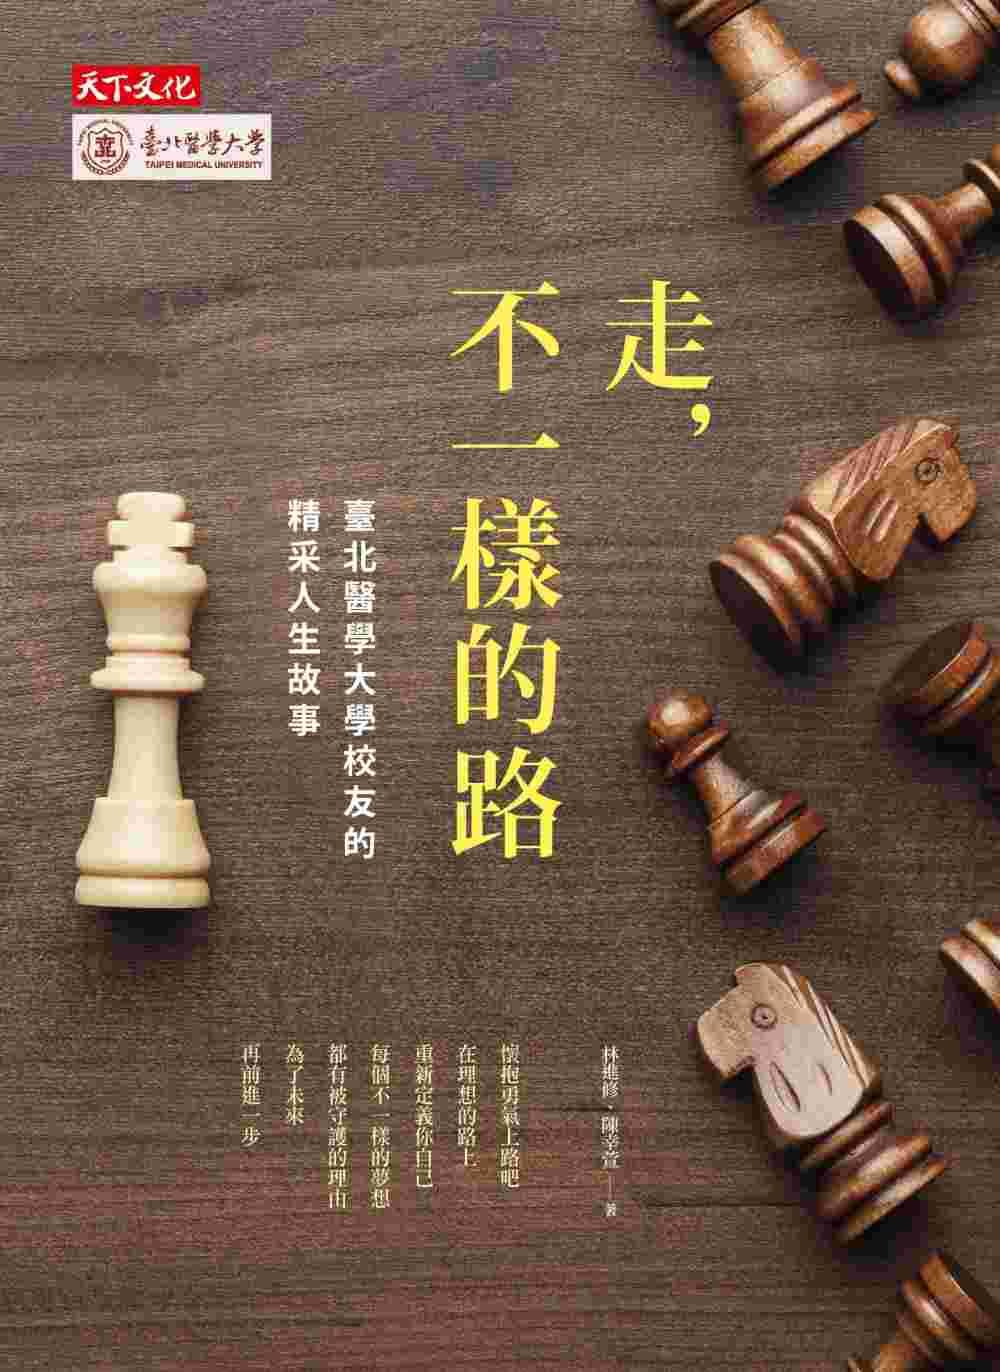 走 不一样的路:台北医学大学校友的精采人生故事